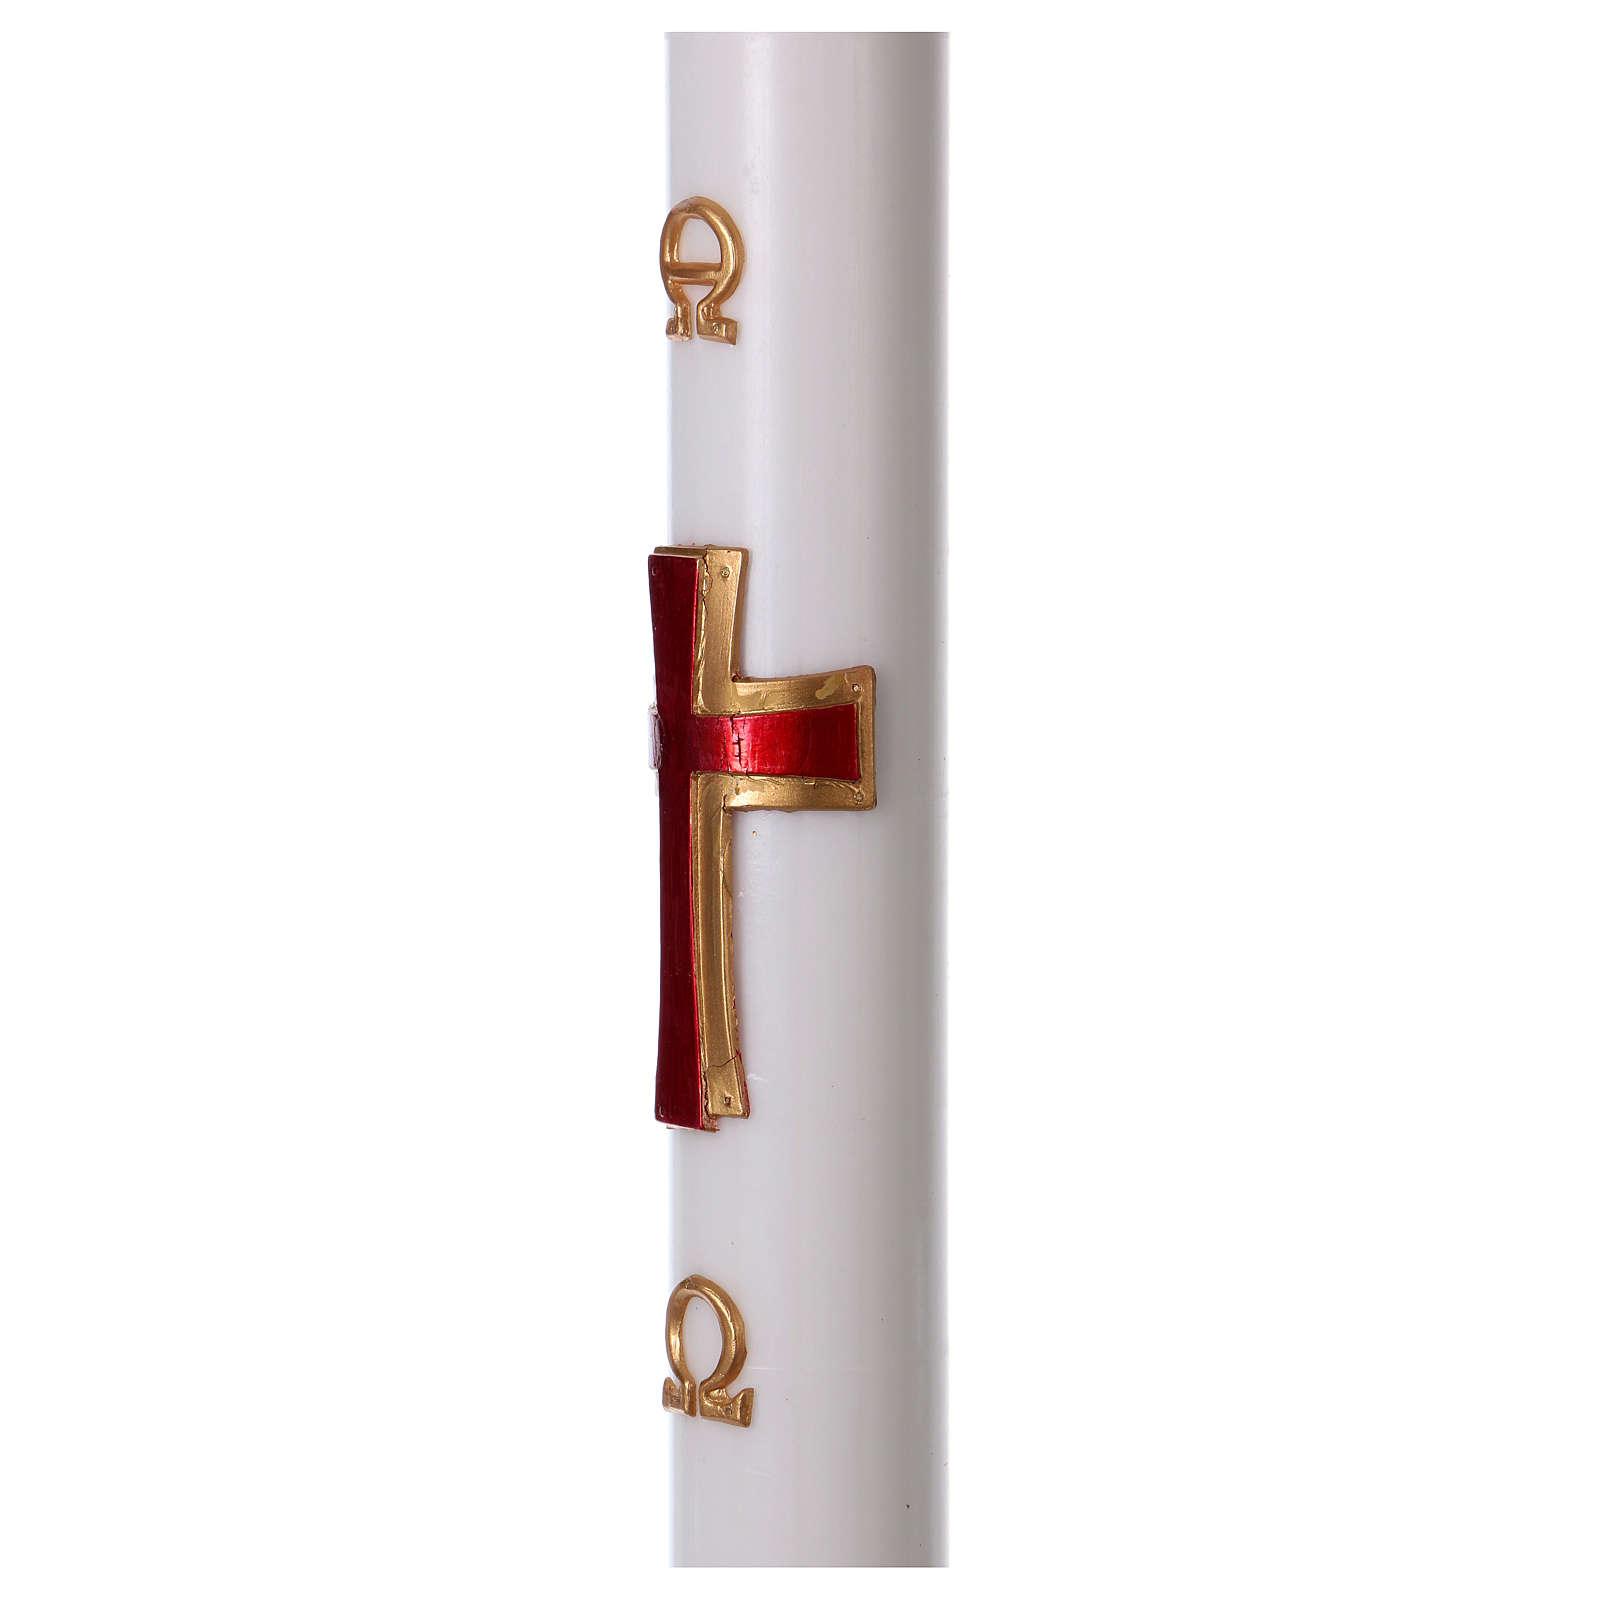 Cierge pascal cire blanche RENFORT Croix relief rouge 8x120 cm 3